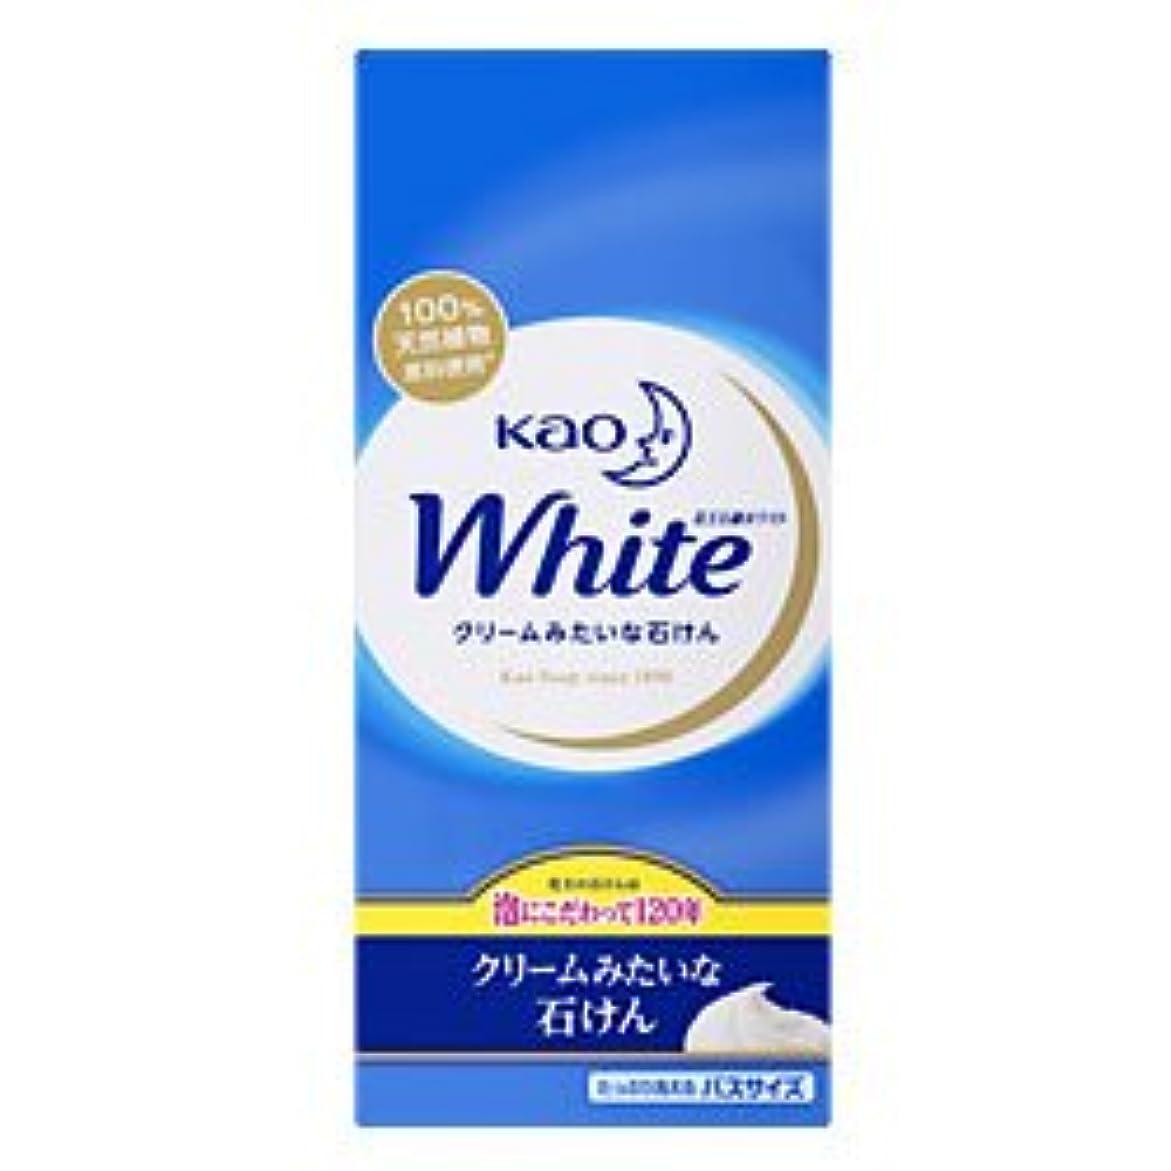 もっとボトルネック段階【花王】花王ホワイト バスサイズ 130g×6個 ×10個セット